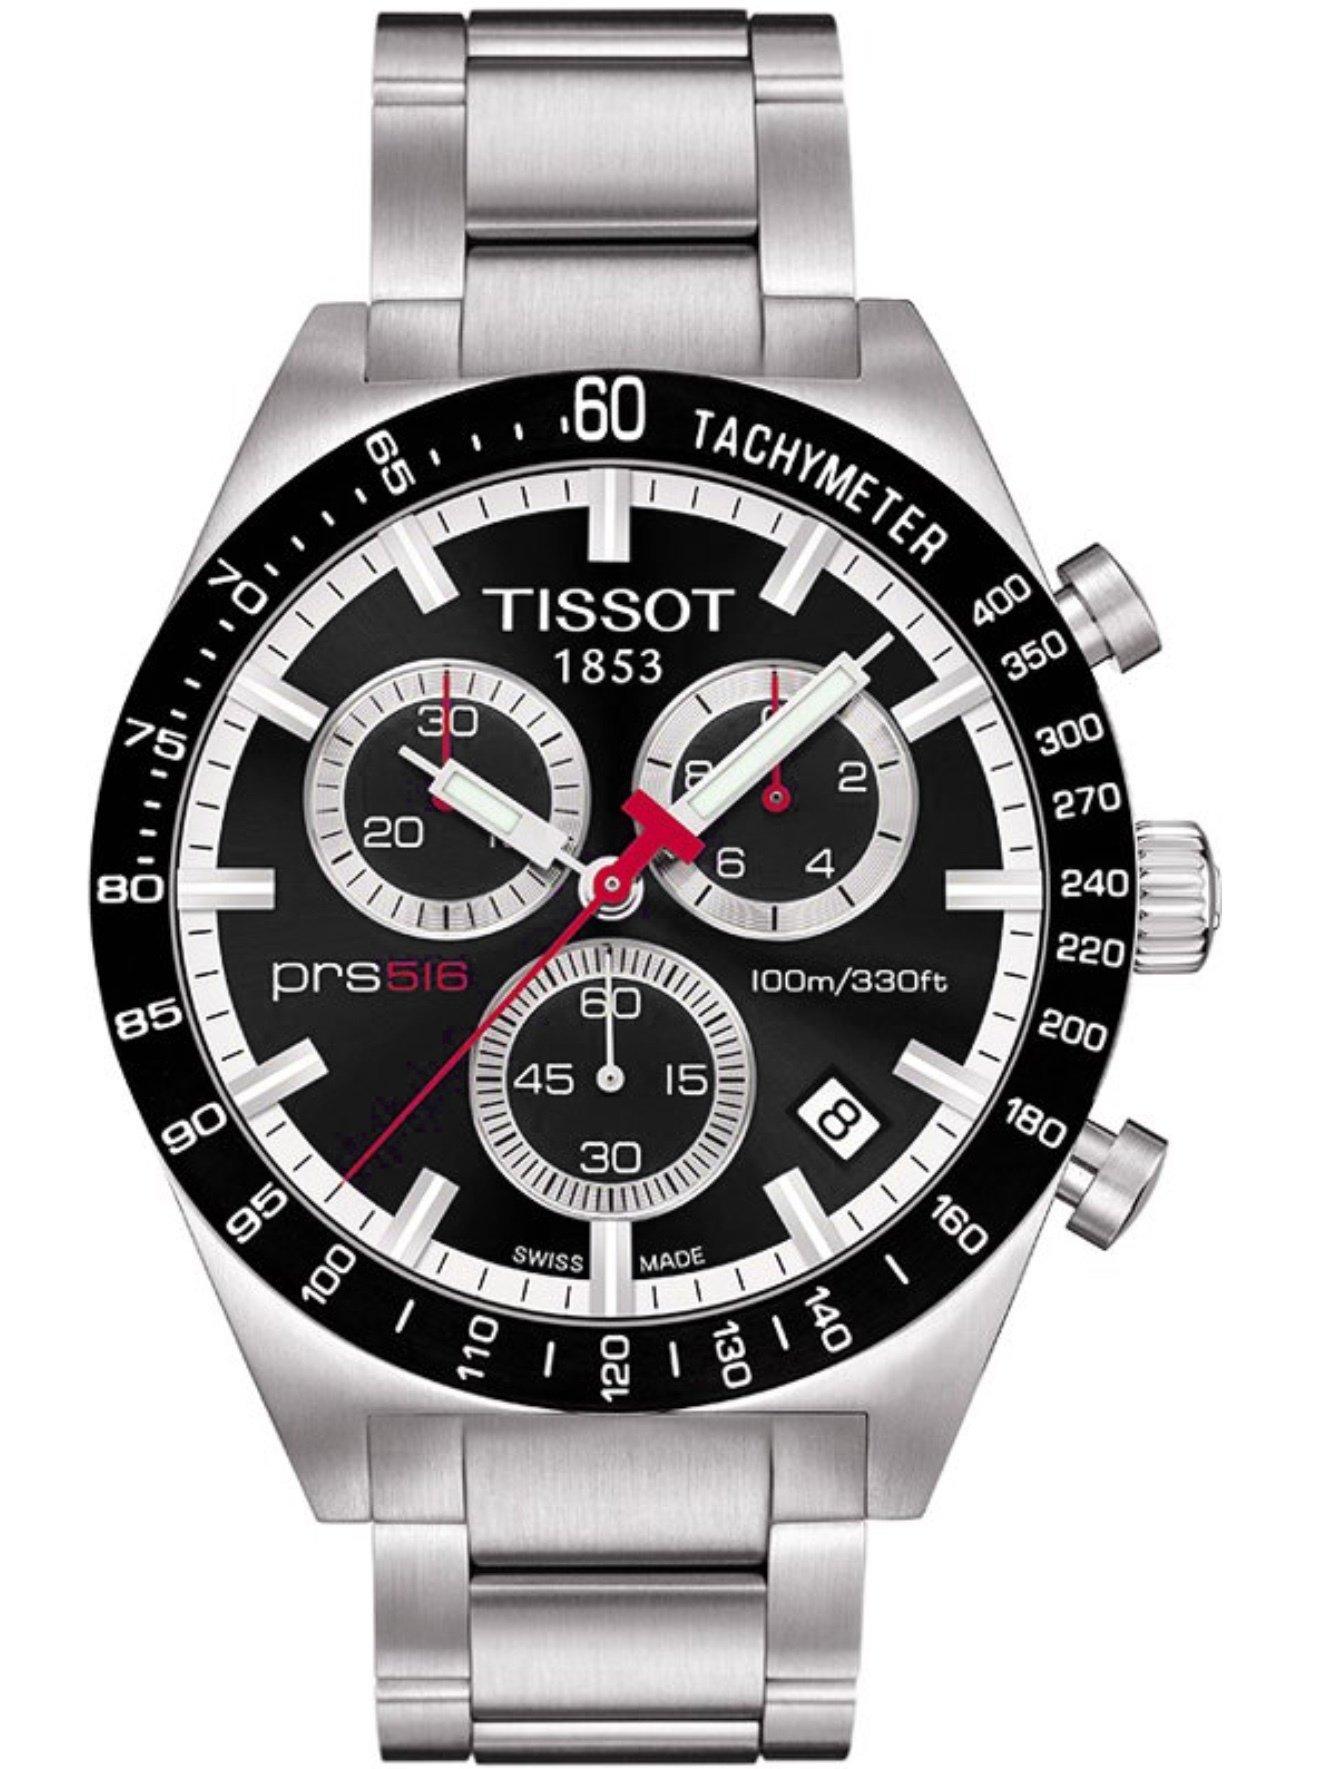 47efa7f8d1b Tissot PRS 516 Quartz Chronograph : waar nog nieuw te koop? - Algemene  Horlogepraat - Horlogeforum.nl - het forum voor liefhebbers van horloges